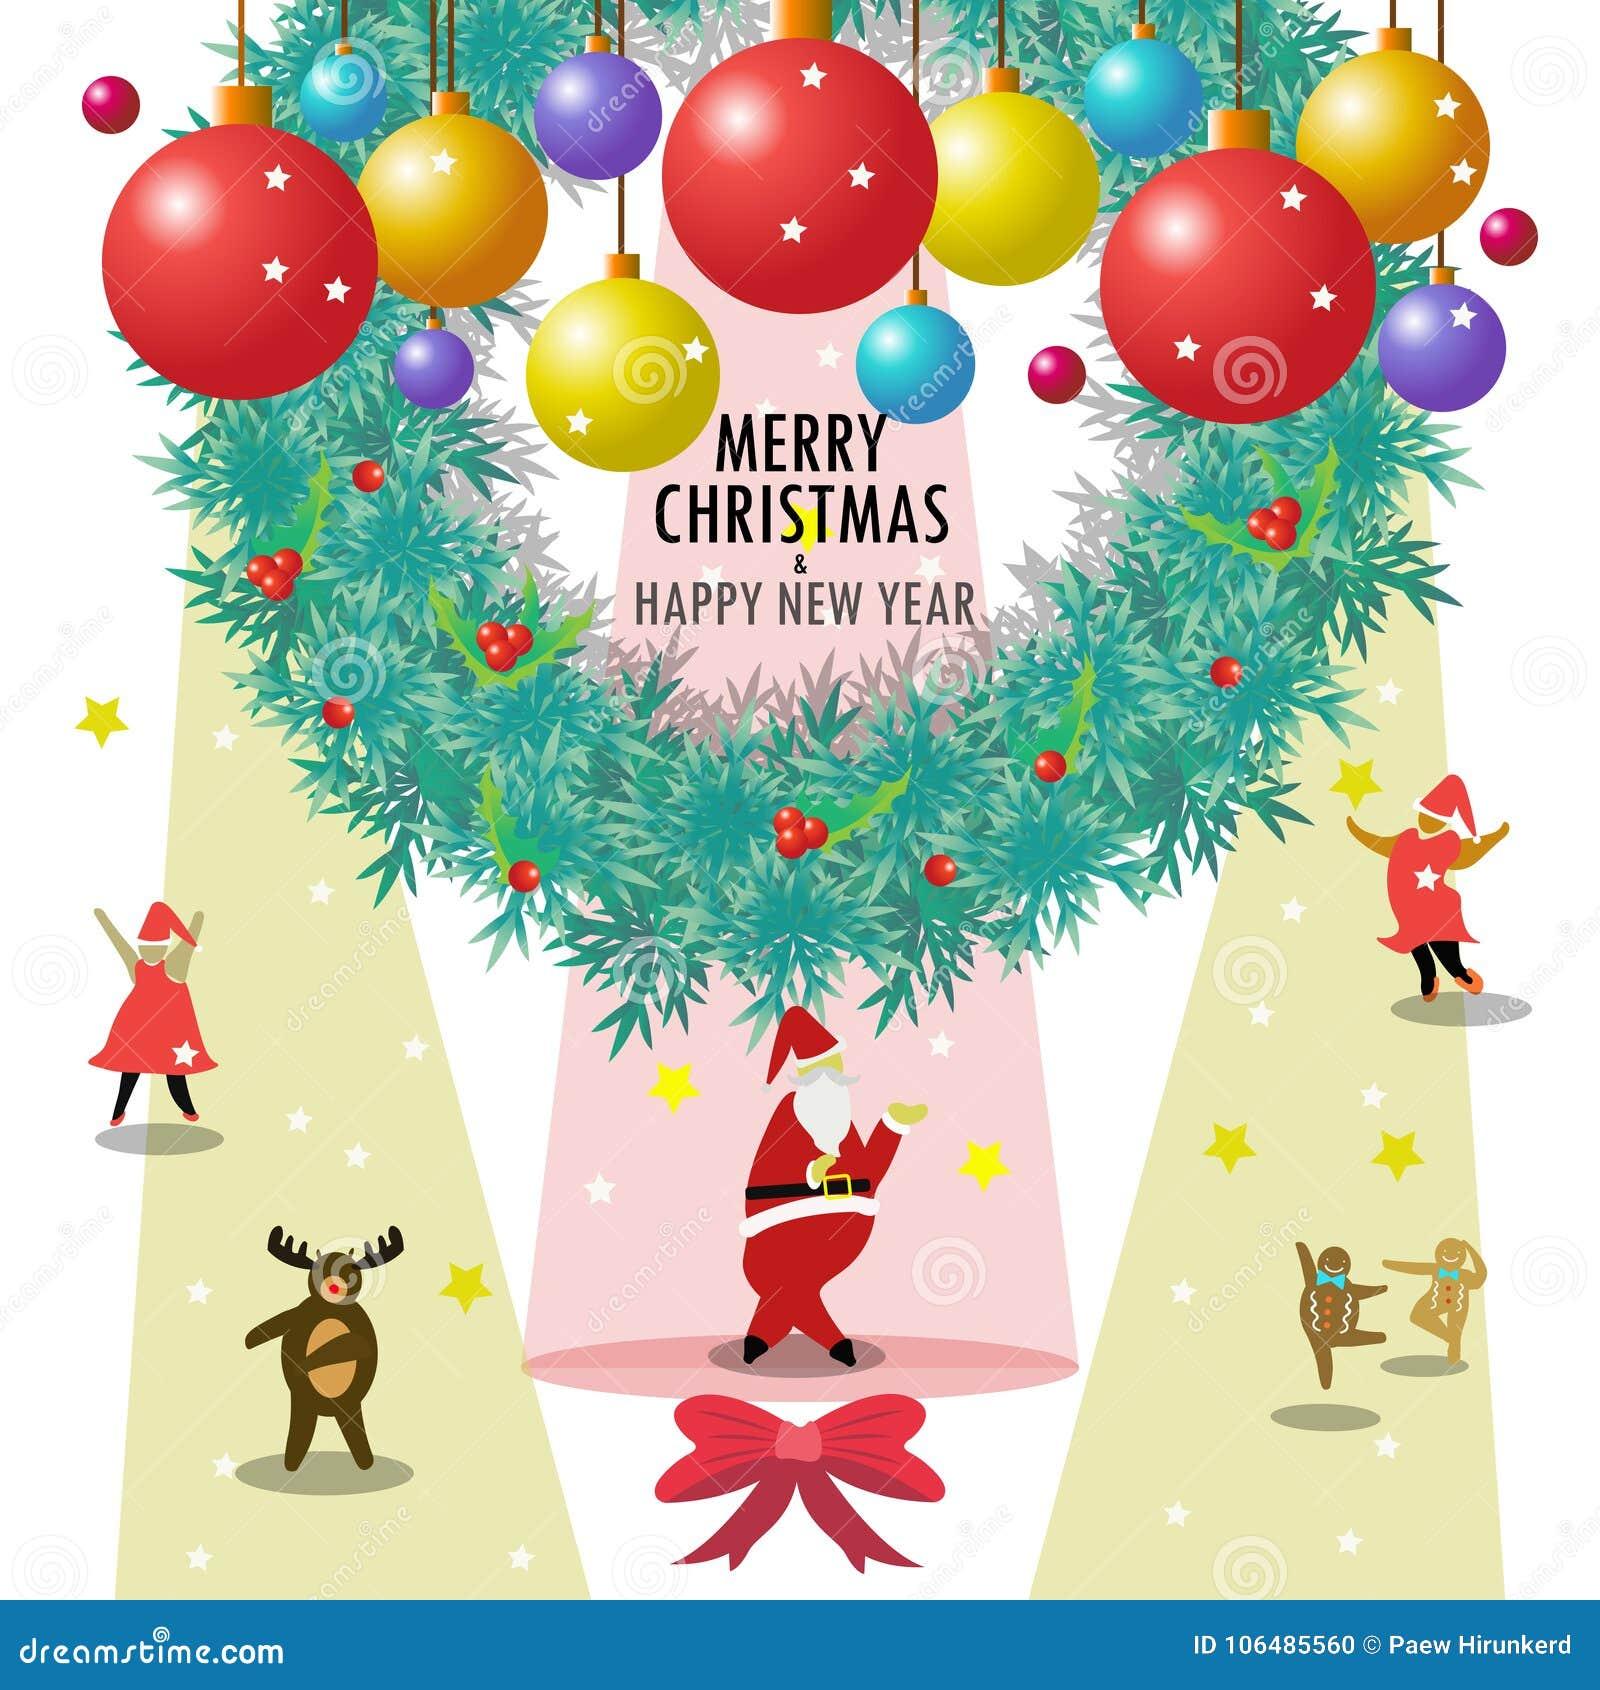 Święty Mikołaj i przyjaciele życzymy wam wesoło boże narodzenia & szczęśliwego nowego roku